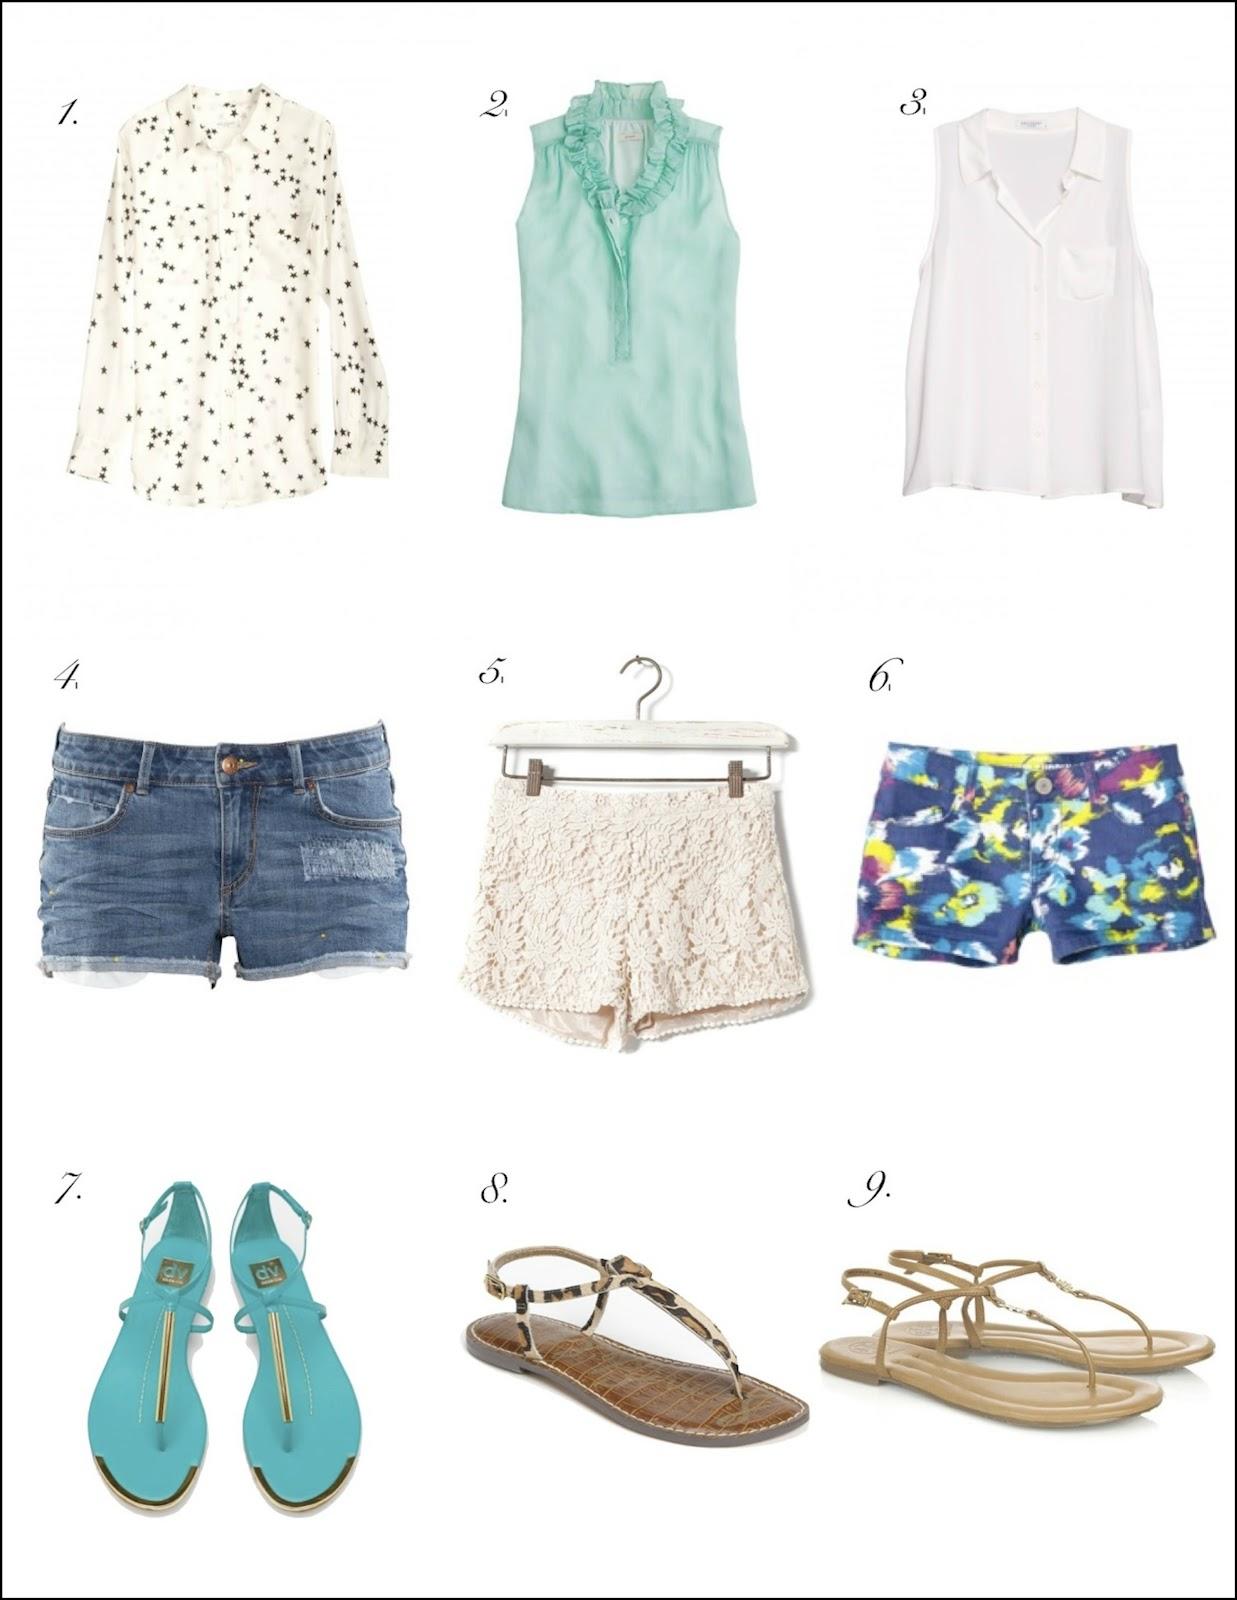 http://3.bp.blogspot.com/-bas9_B9vZ34/T9_j1S6EuMI/AAAAAAAABMU/LpKXHu1bKyE/s1600/Summer+Must+haves+blog+1.jpg